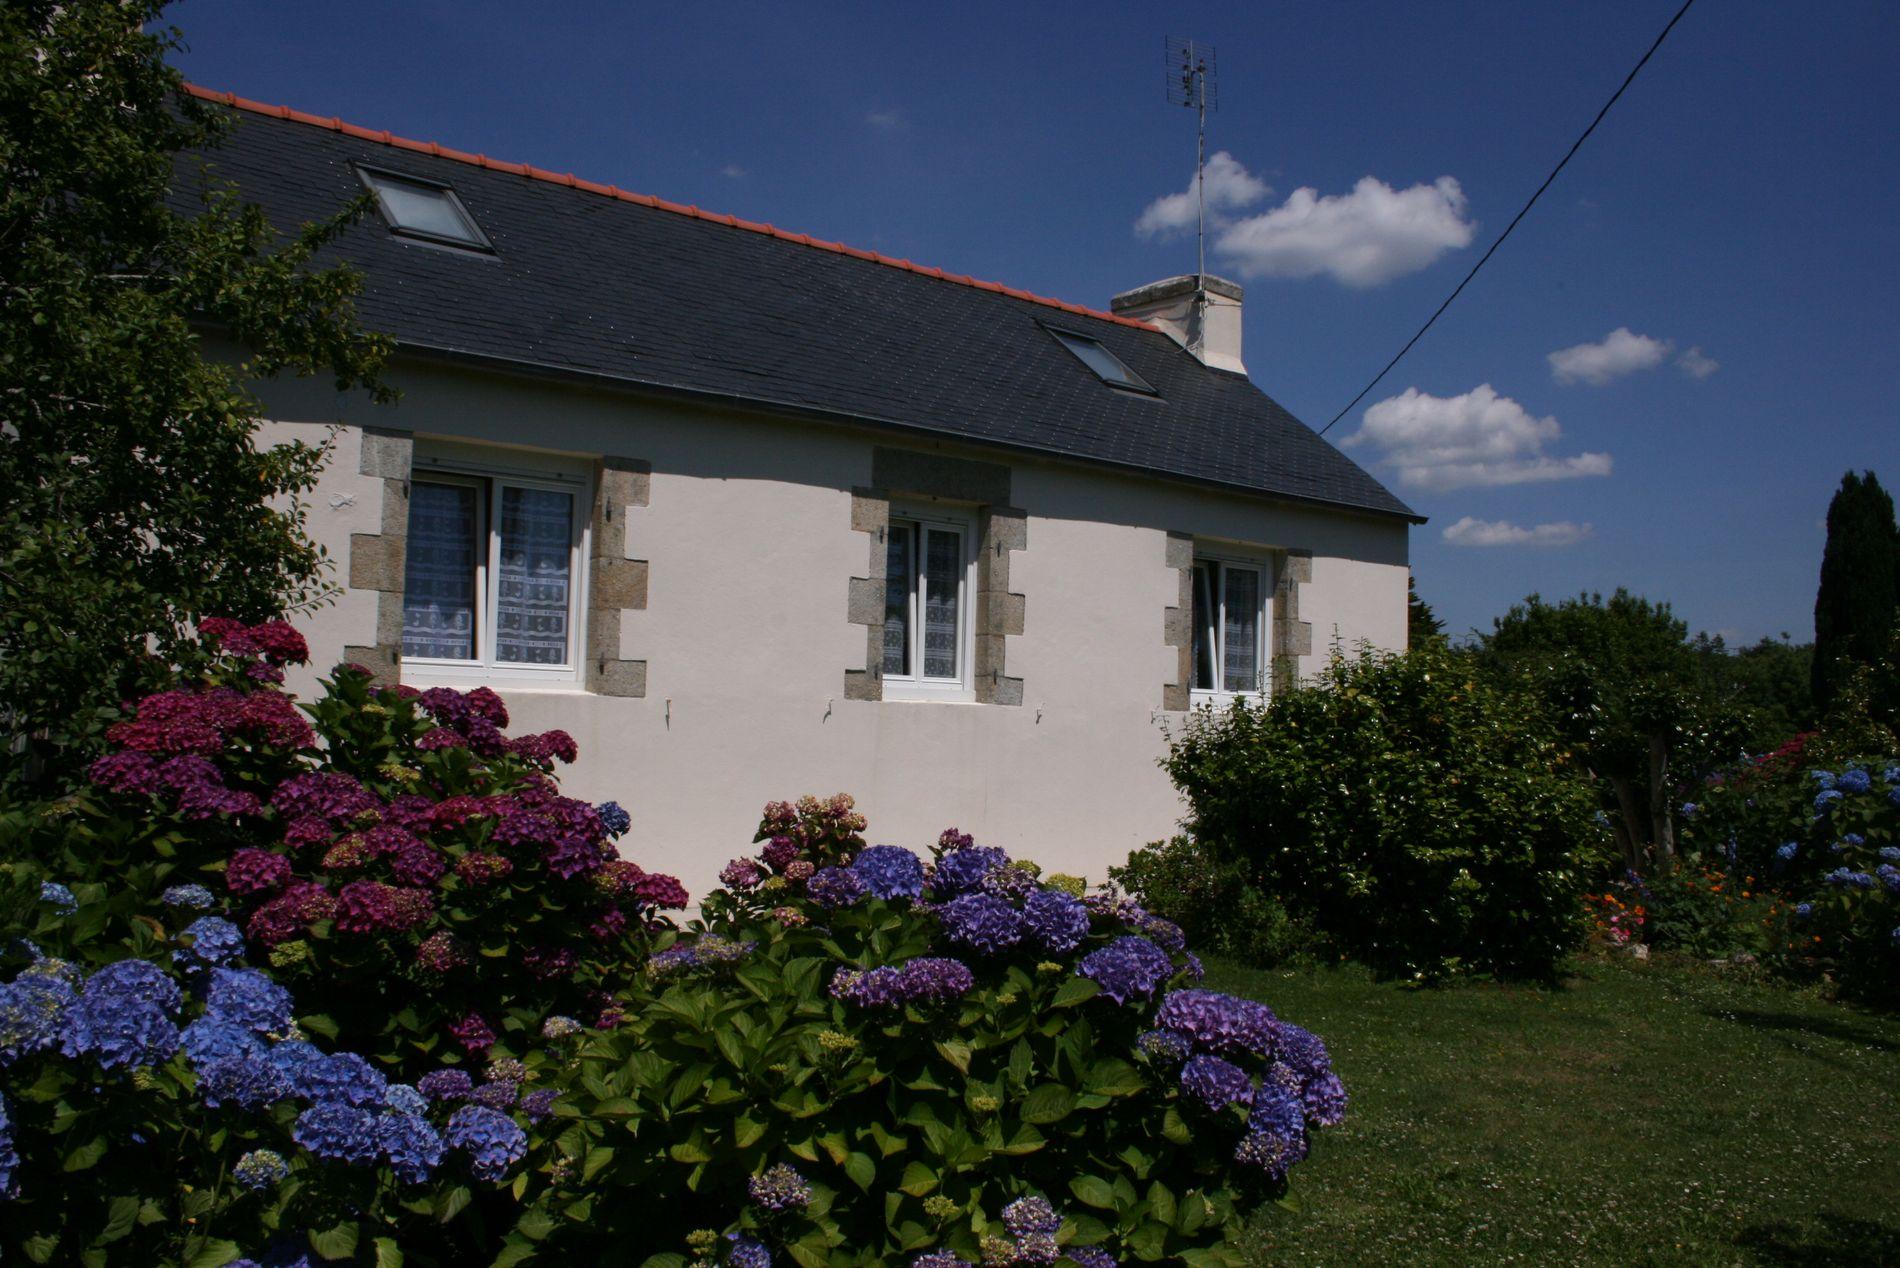 Vue de la maison depuis le jardin...